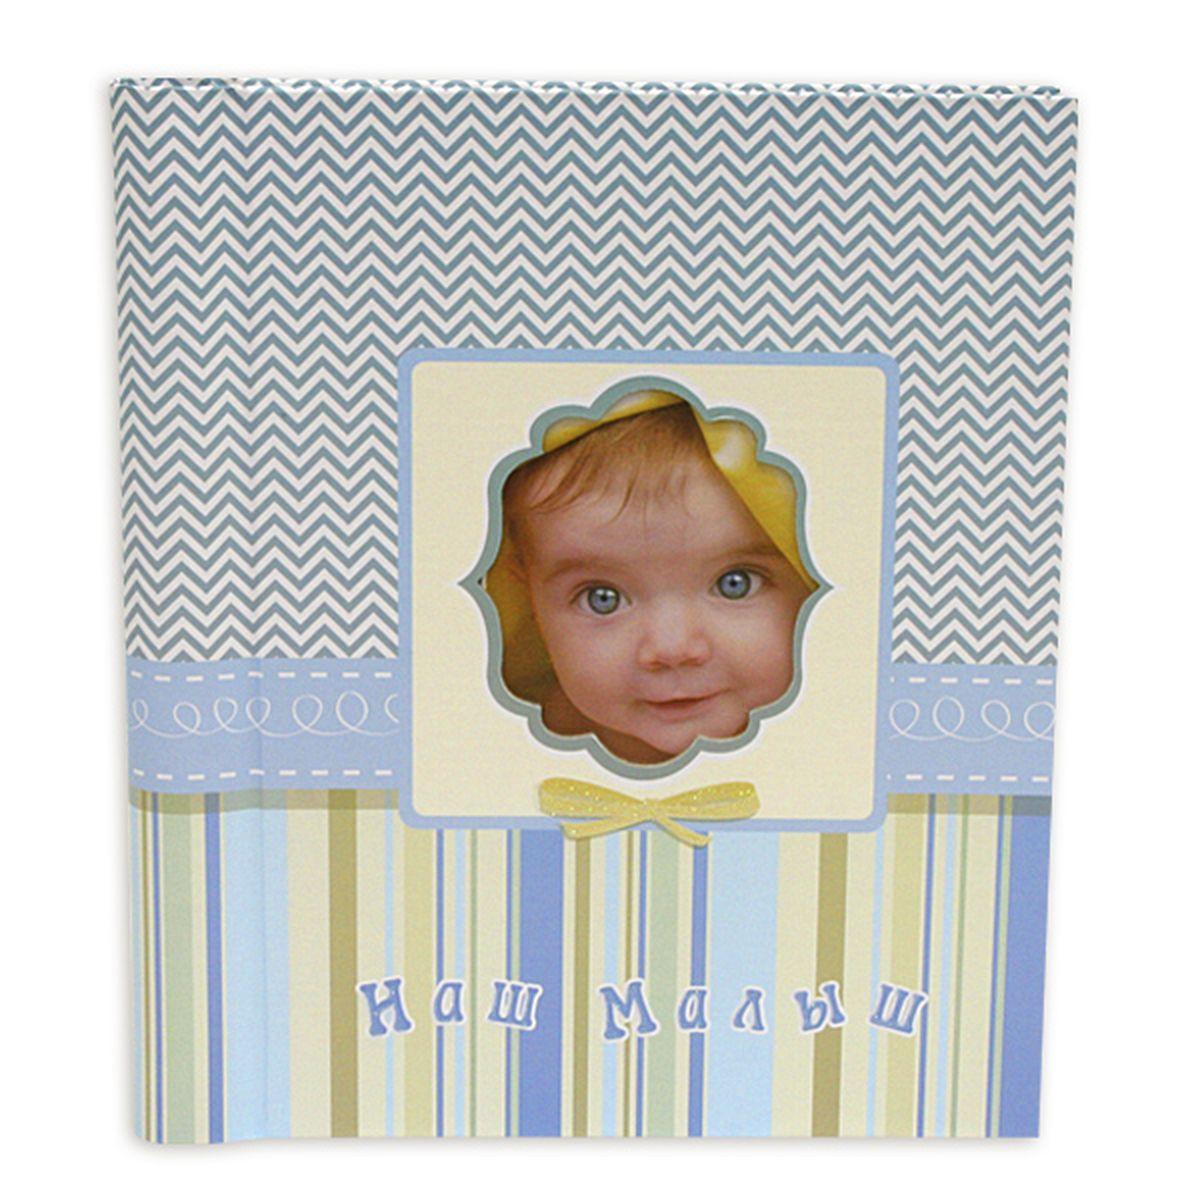 Фотокнига Pioneer Our Baby 8, 20 магнитных листов, 23 x 28 см. 46421 FA46421 FAФотокнига Pioneer Our Baby 8 позволит вам запечатлеть моменты жизни вашего ребенка. Изделие выполнено из картона и плотной бумаги, может быть использована для создания памятного альбома в технике скрапбукинг. В книге находится 20 страниц-анкет для заполнения и рамка для фото. Всего внутри может быть расположено 20 фото. Тип скрепления: спиральФормат фотографий: 23 х 28 смМатериал страниц: бумагаТип страниц: магнитный